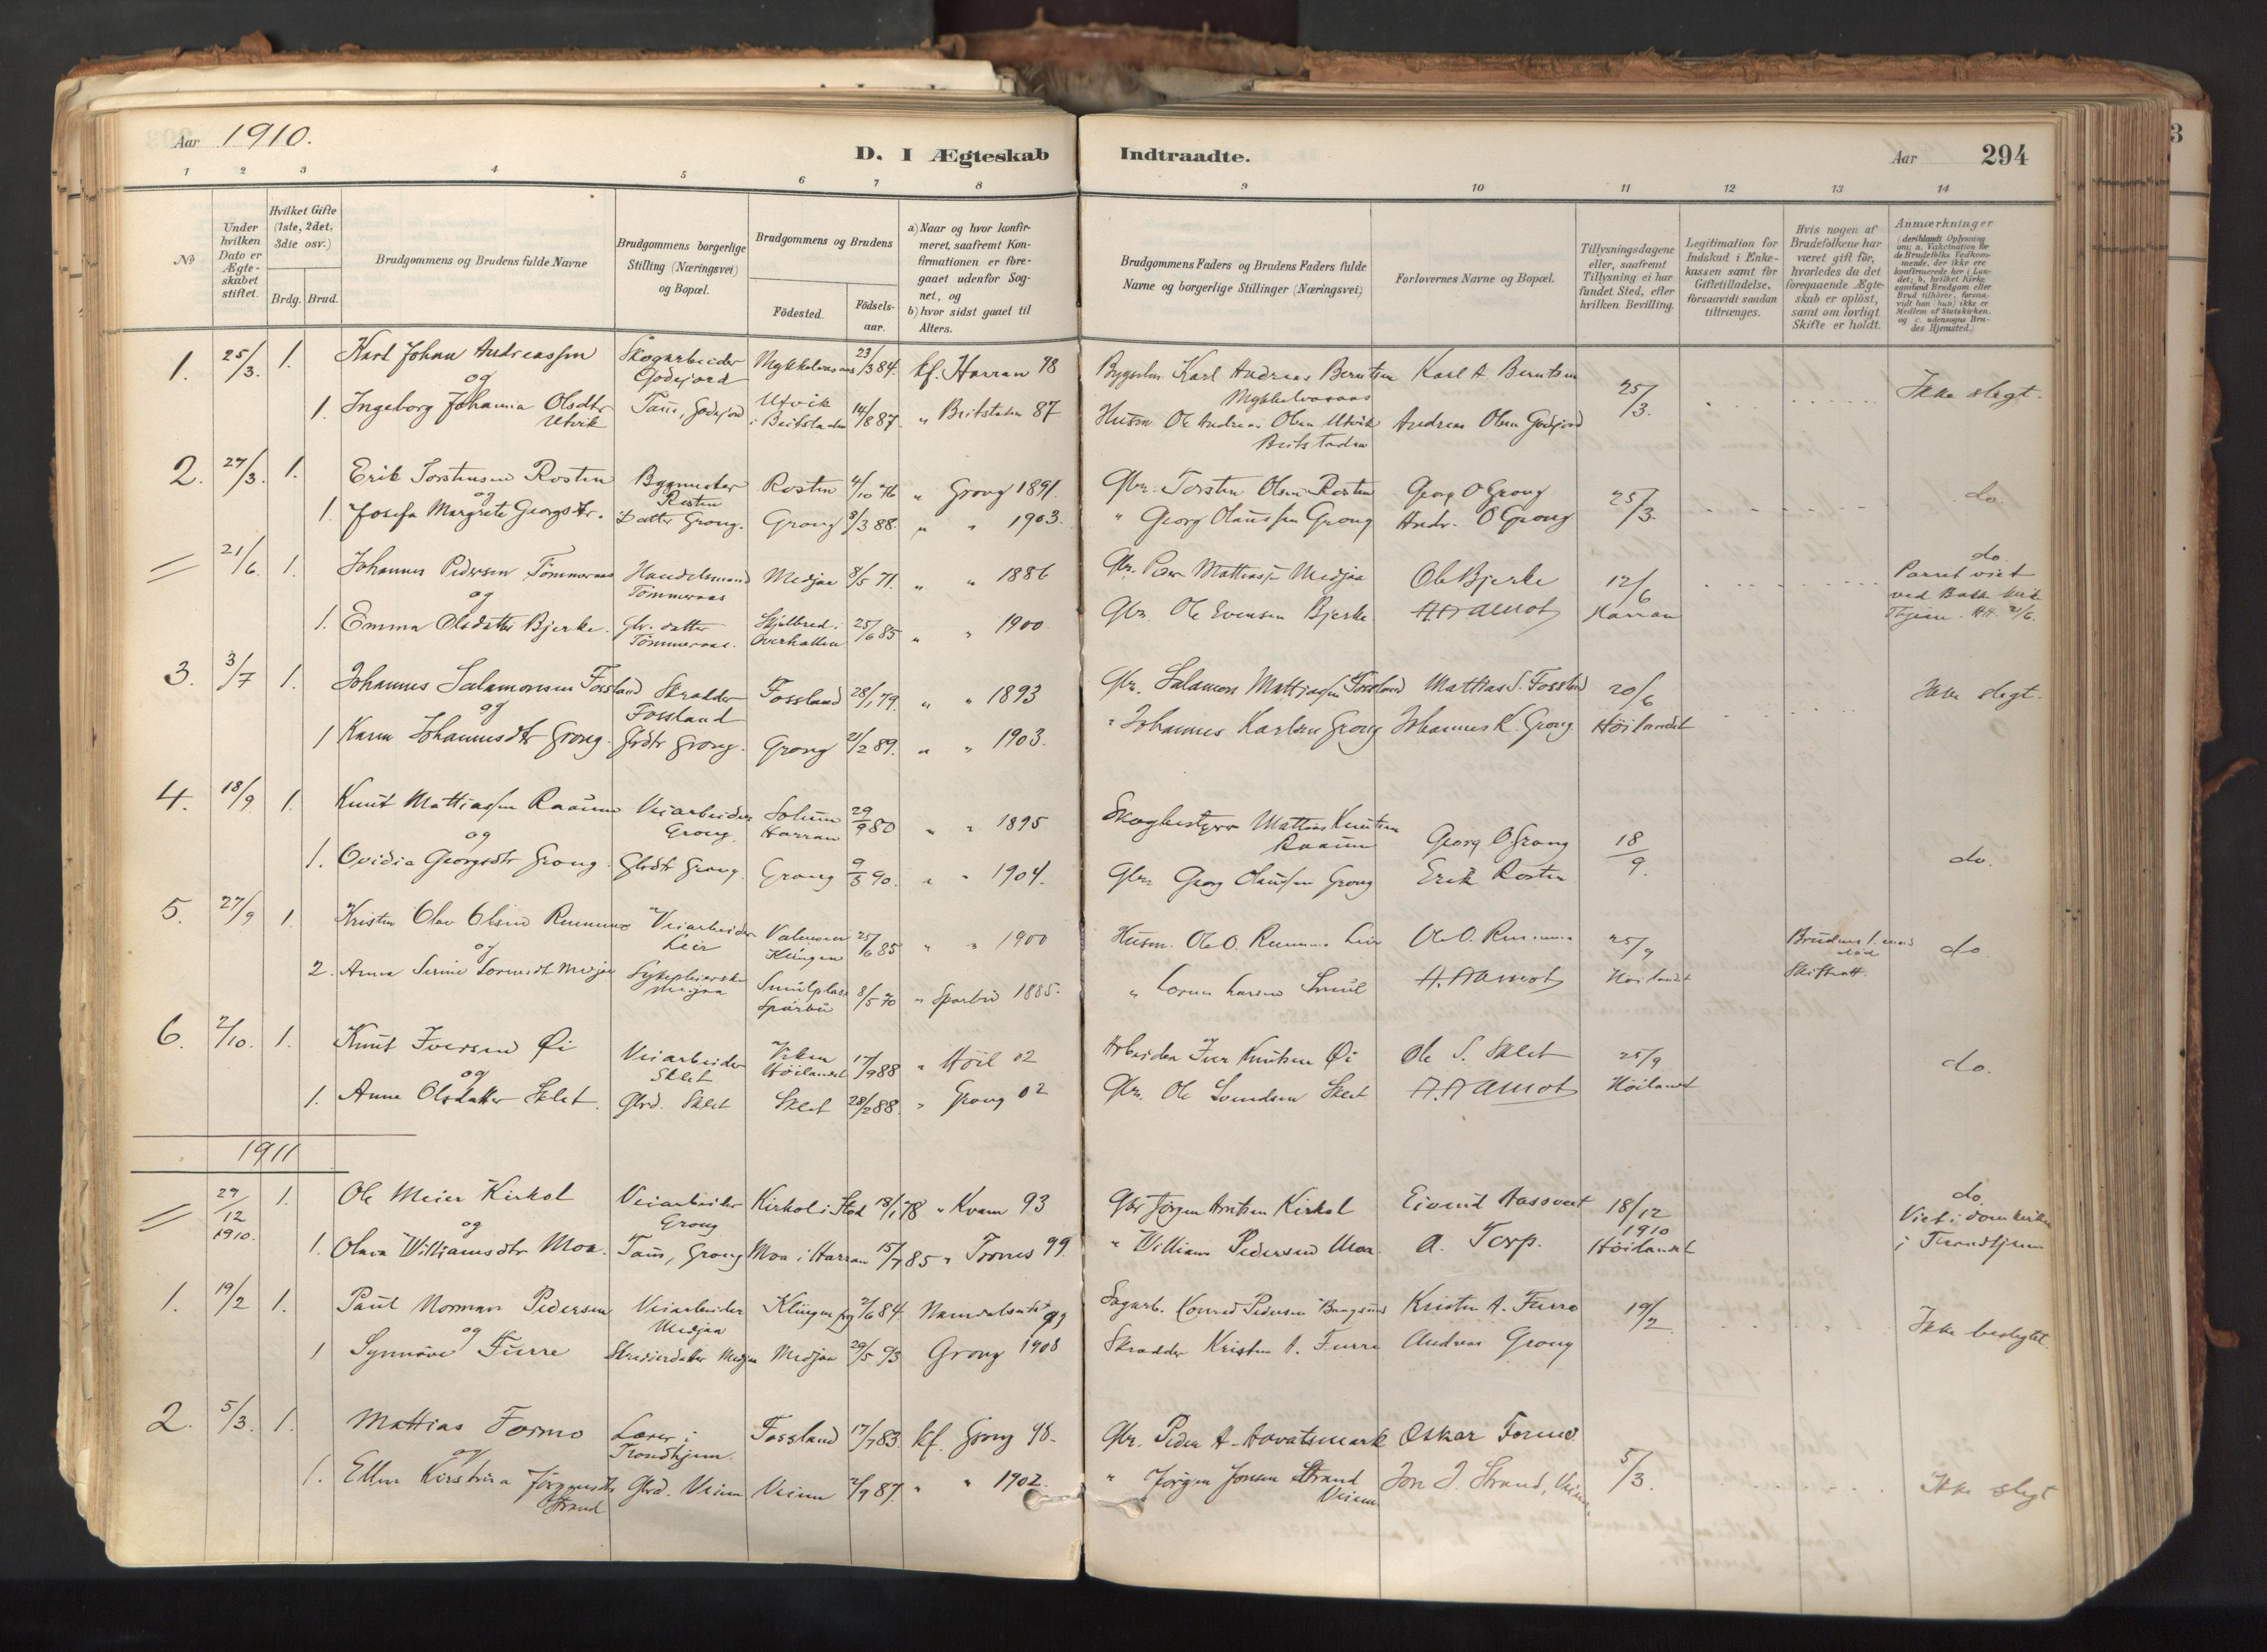 SAT, Ministerialprotokoller, klokkerbøker og fødselsregistre - Nord-Trøndelag, 758/L0519: Ministerialbok nr. 758A04, 1880-1926, s. 294